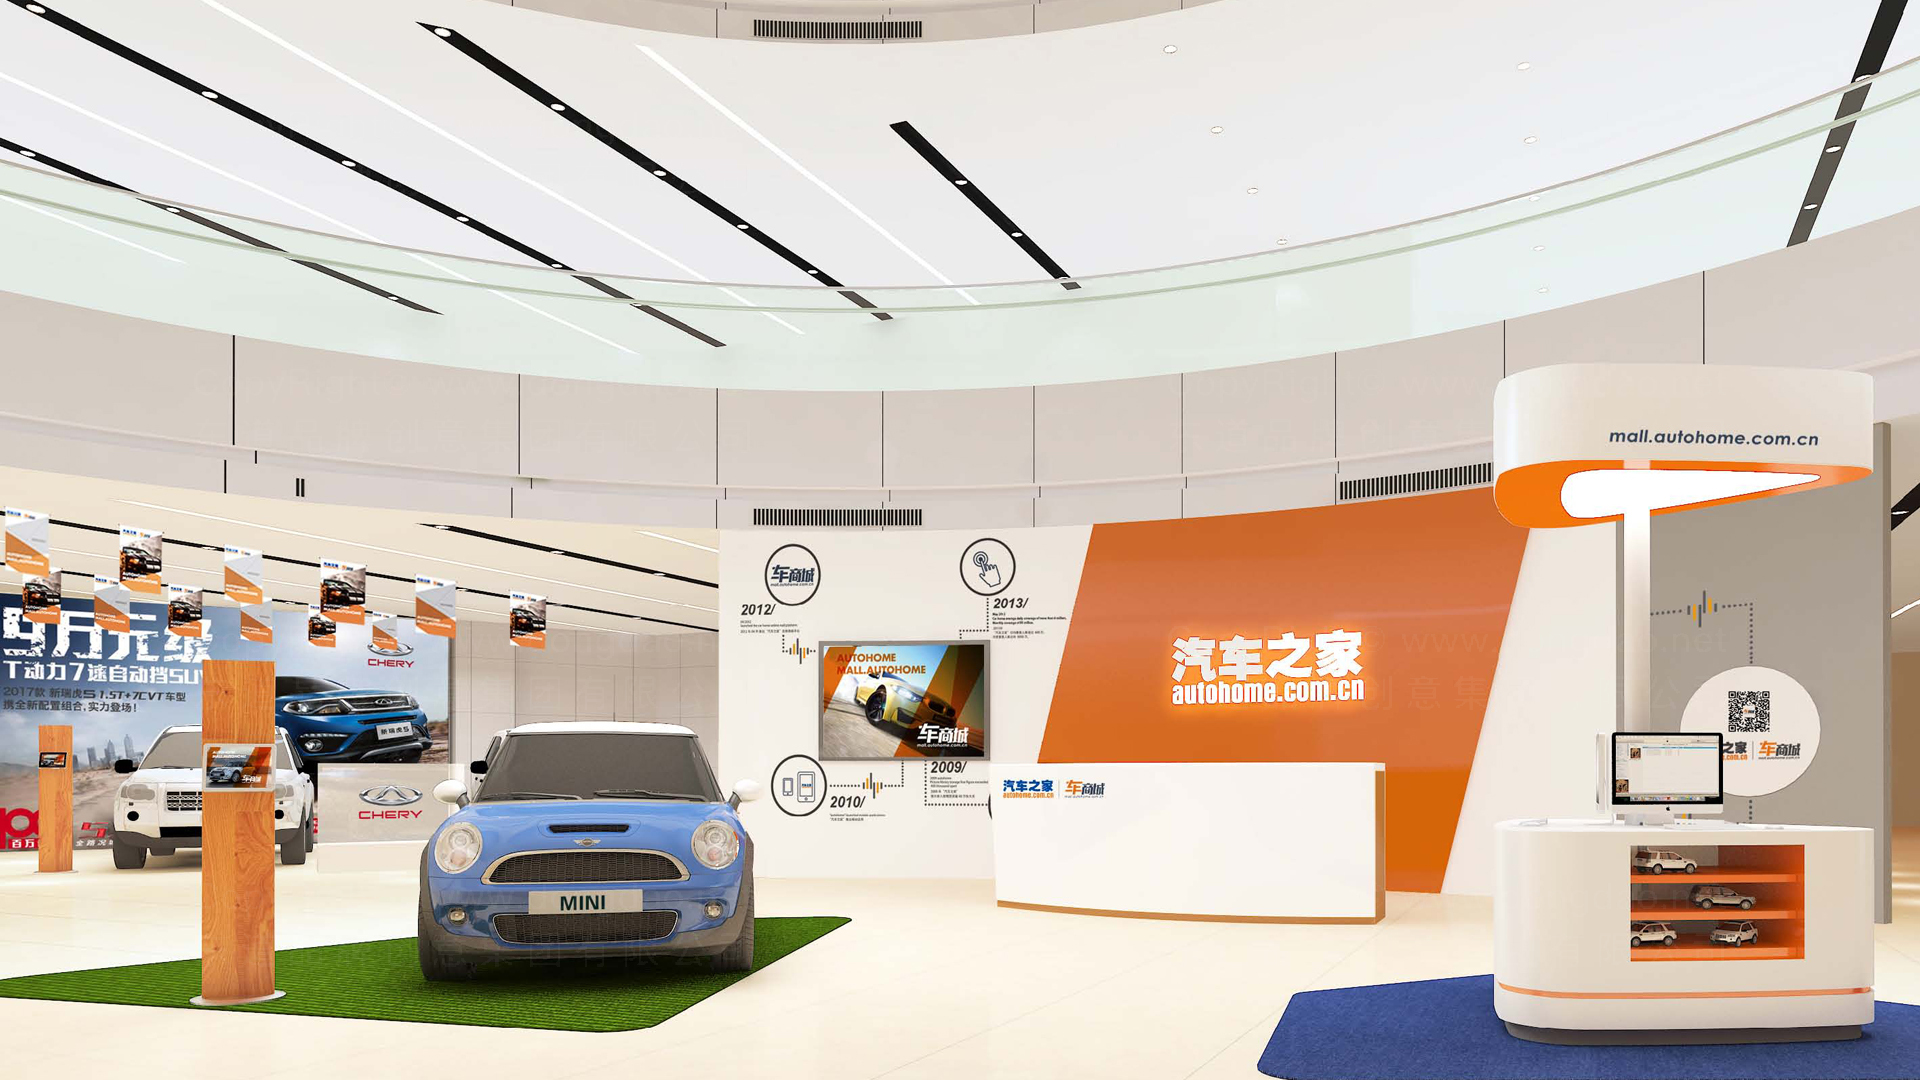 商业空间&导示汽车之家汽车之家 SI 设计应用场景_5